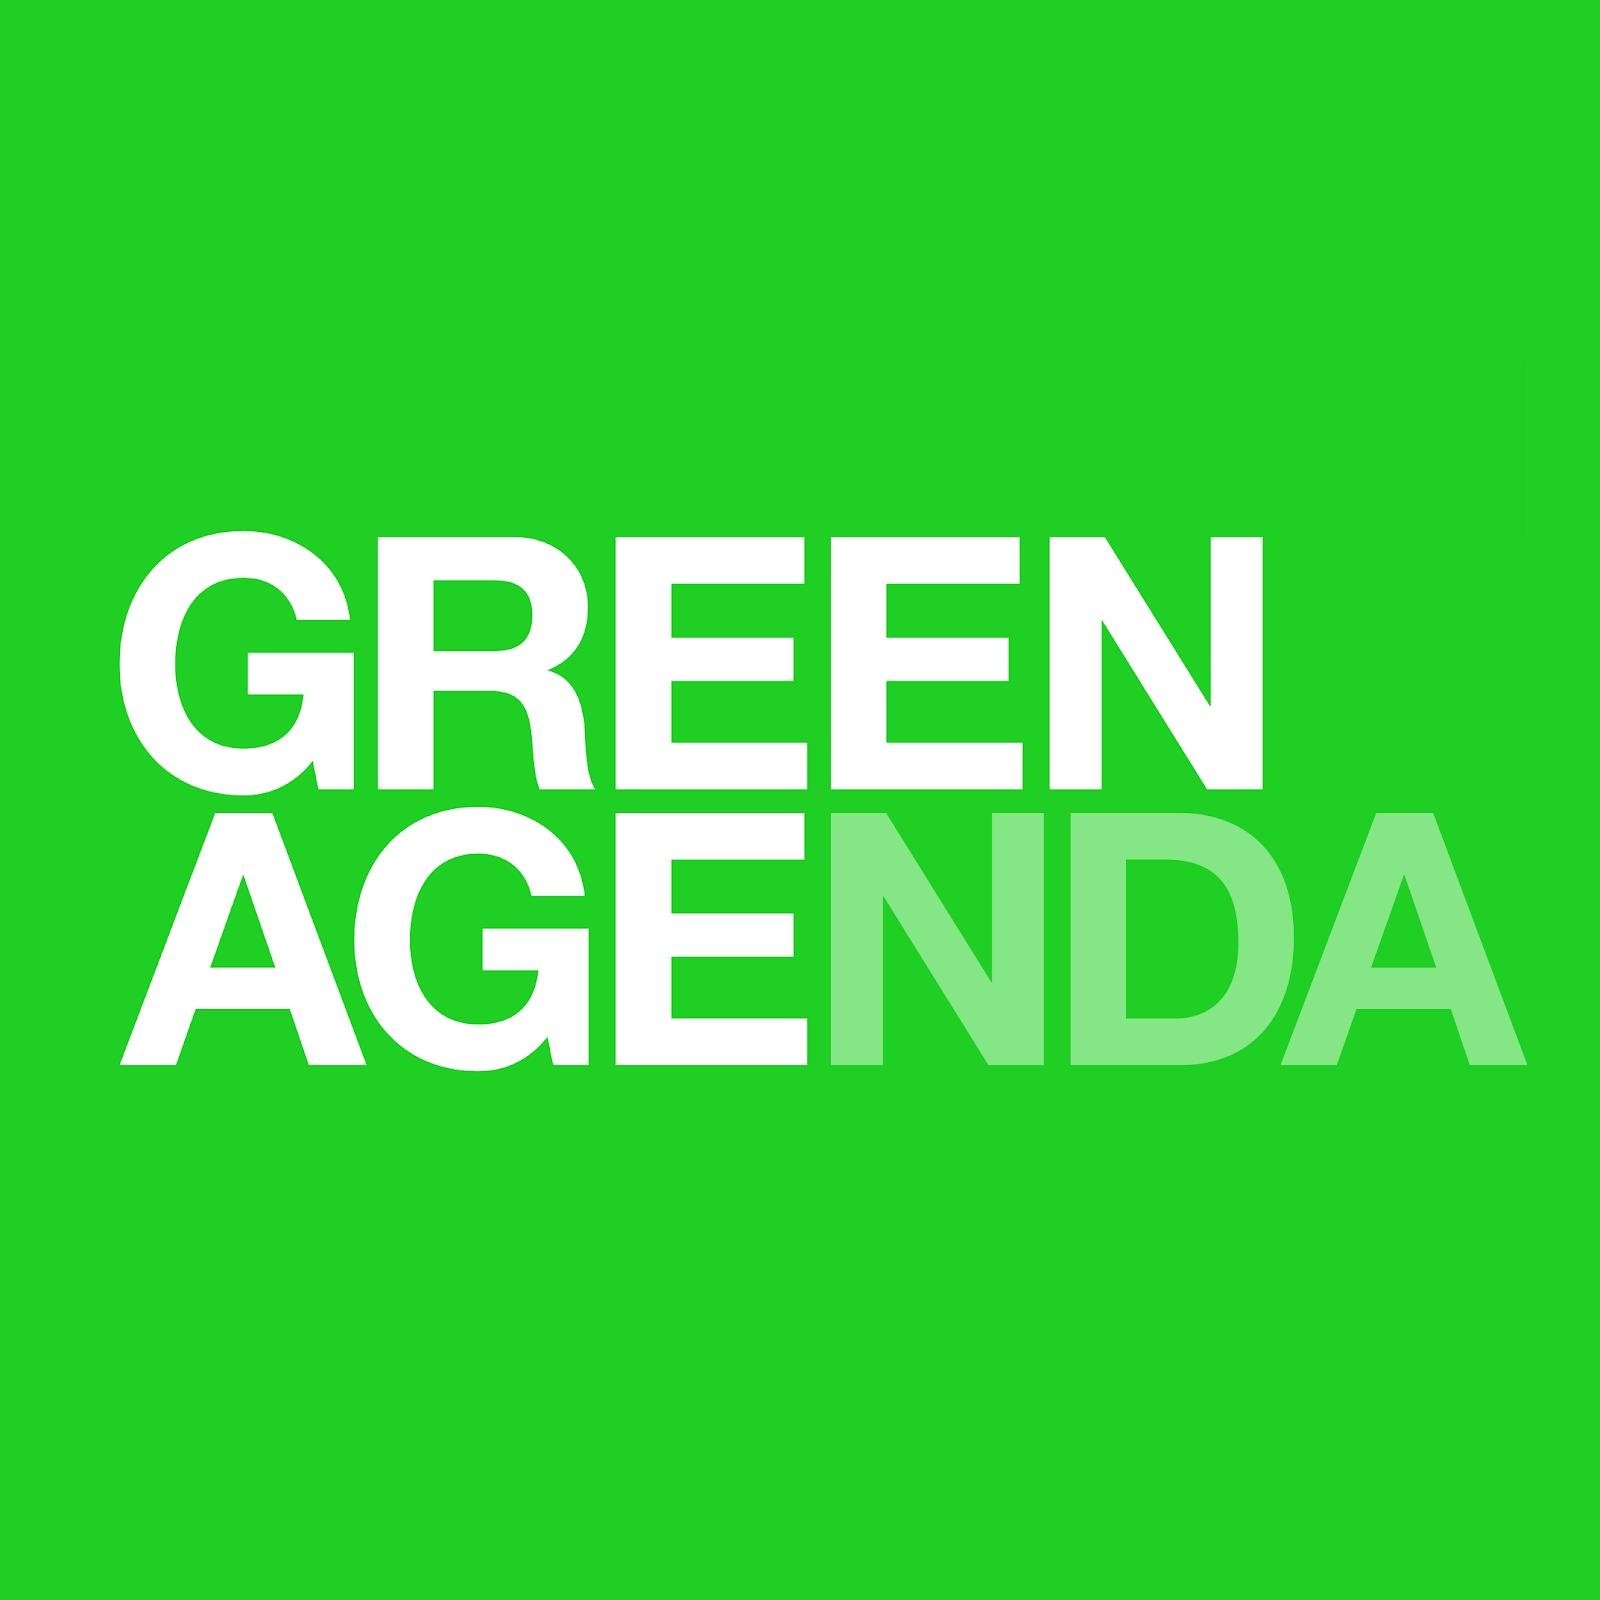 Greenagenda